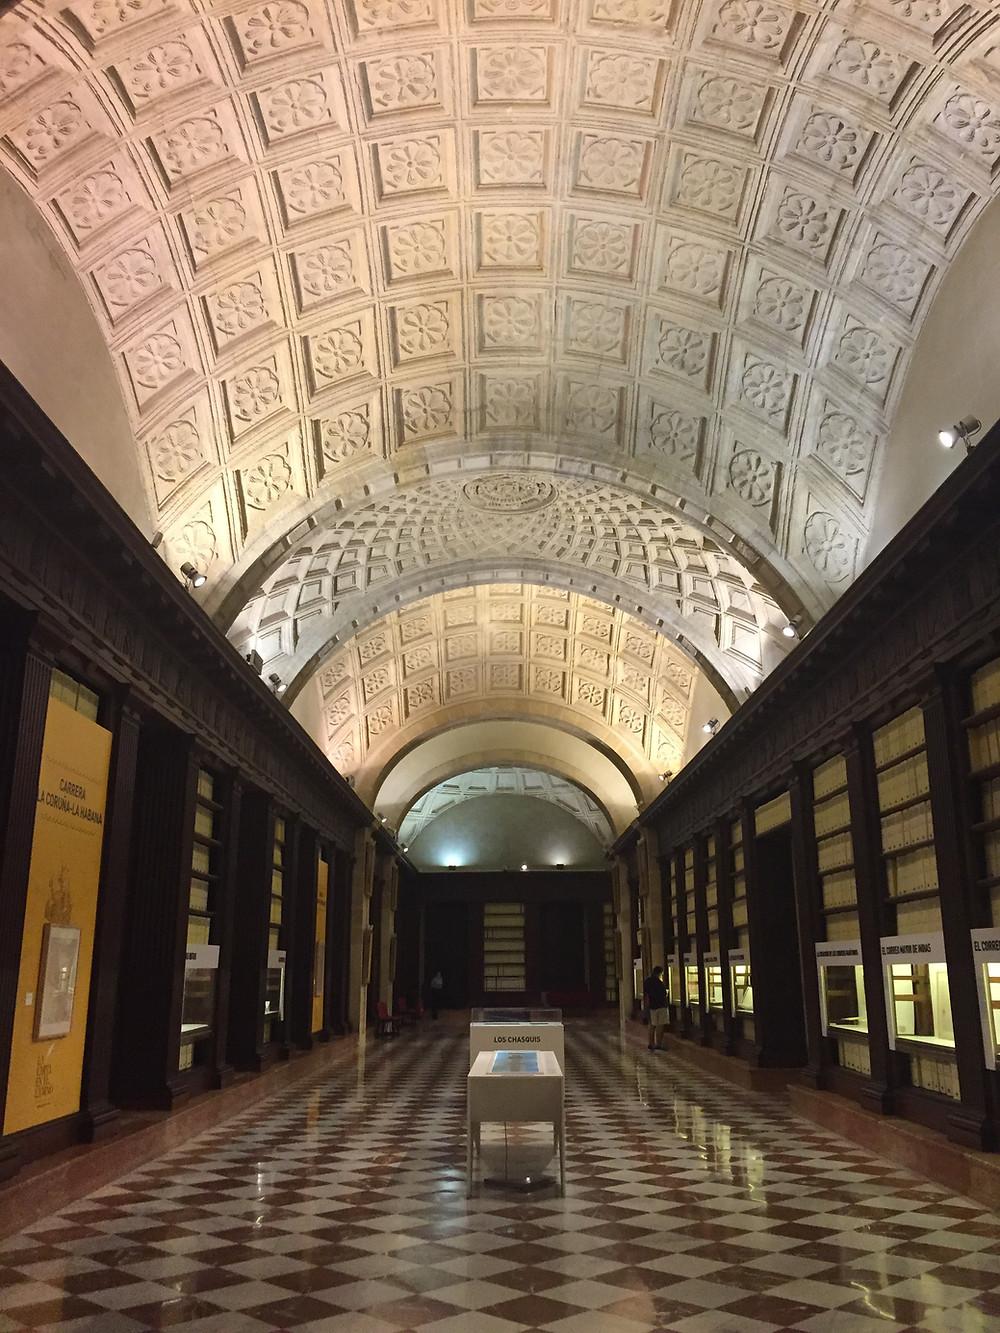 Archivio delle Indie, Siviglia